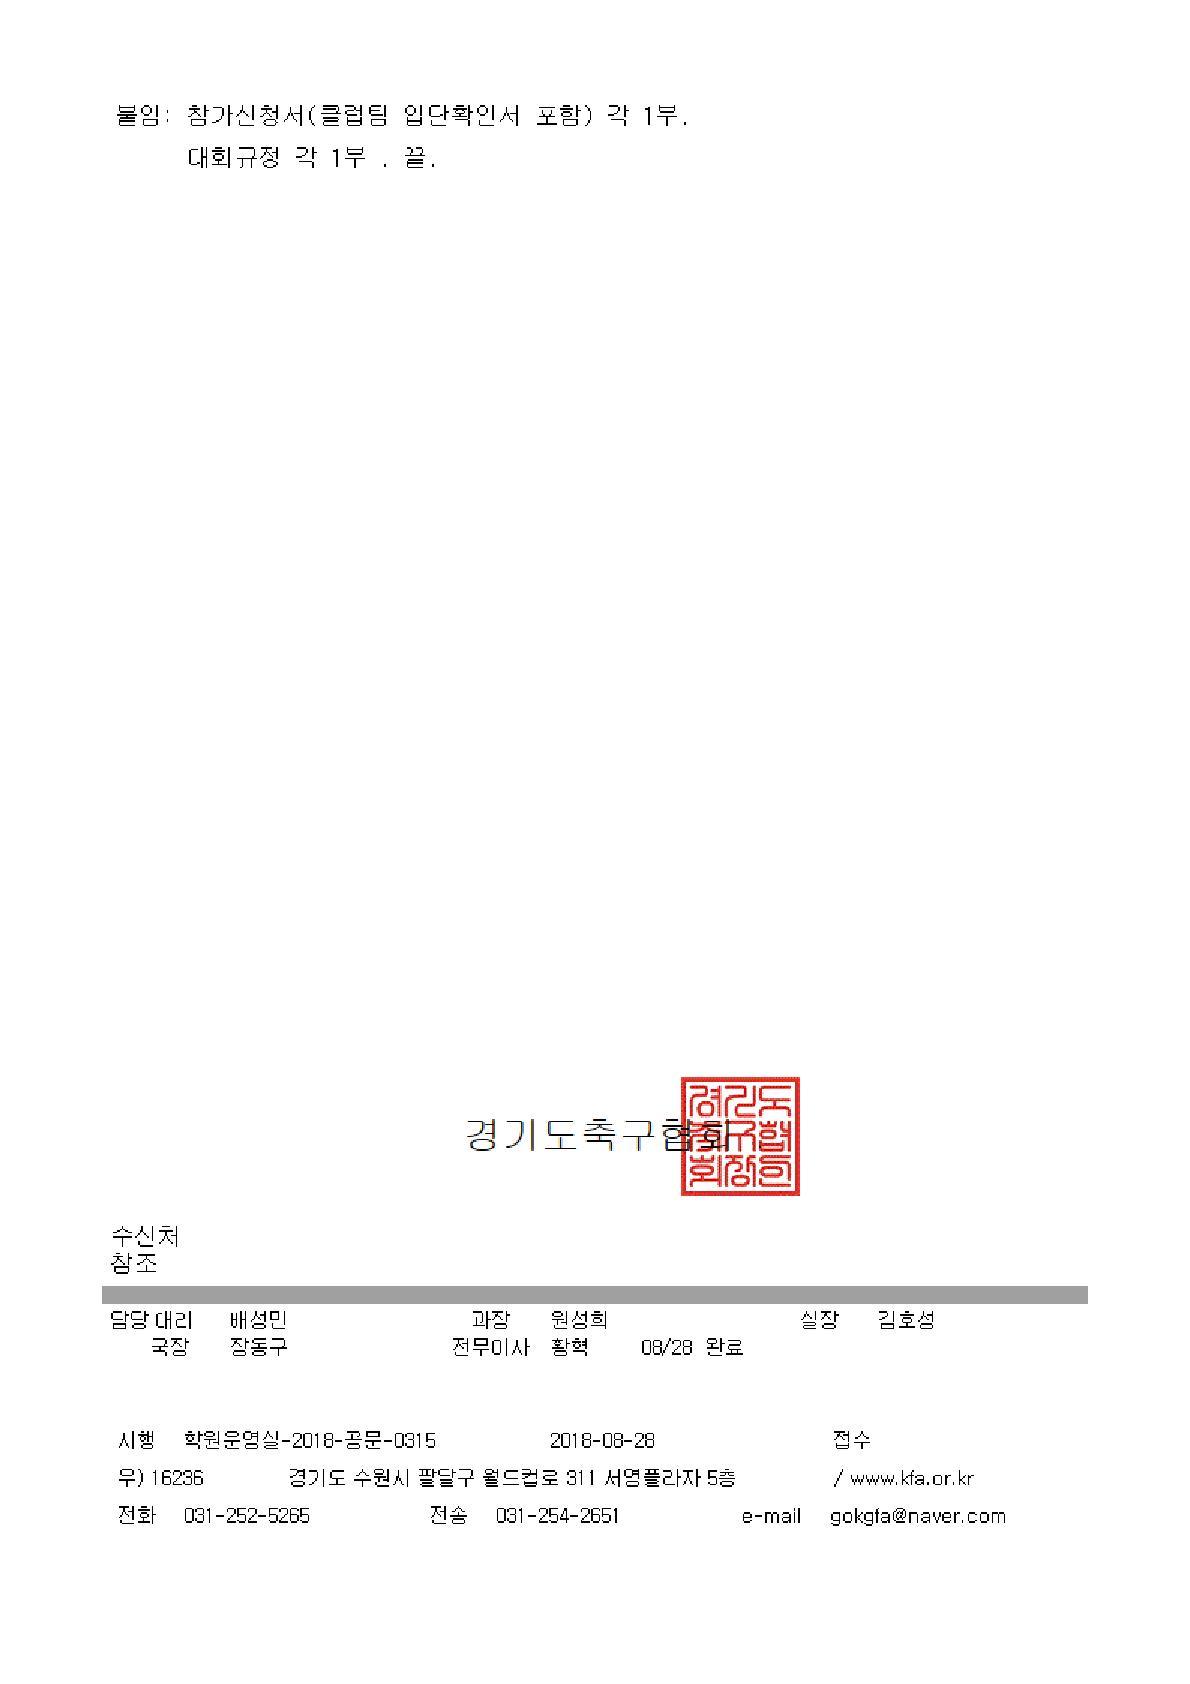 2018 제3회 연천군수기 경기도 초중고축구대회 개최 알림 (1)_2.jpg